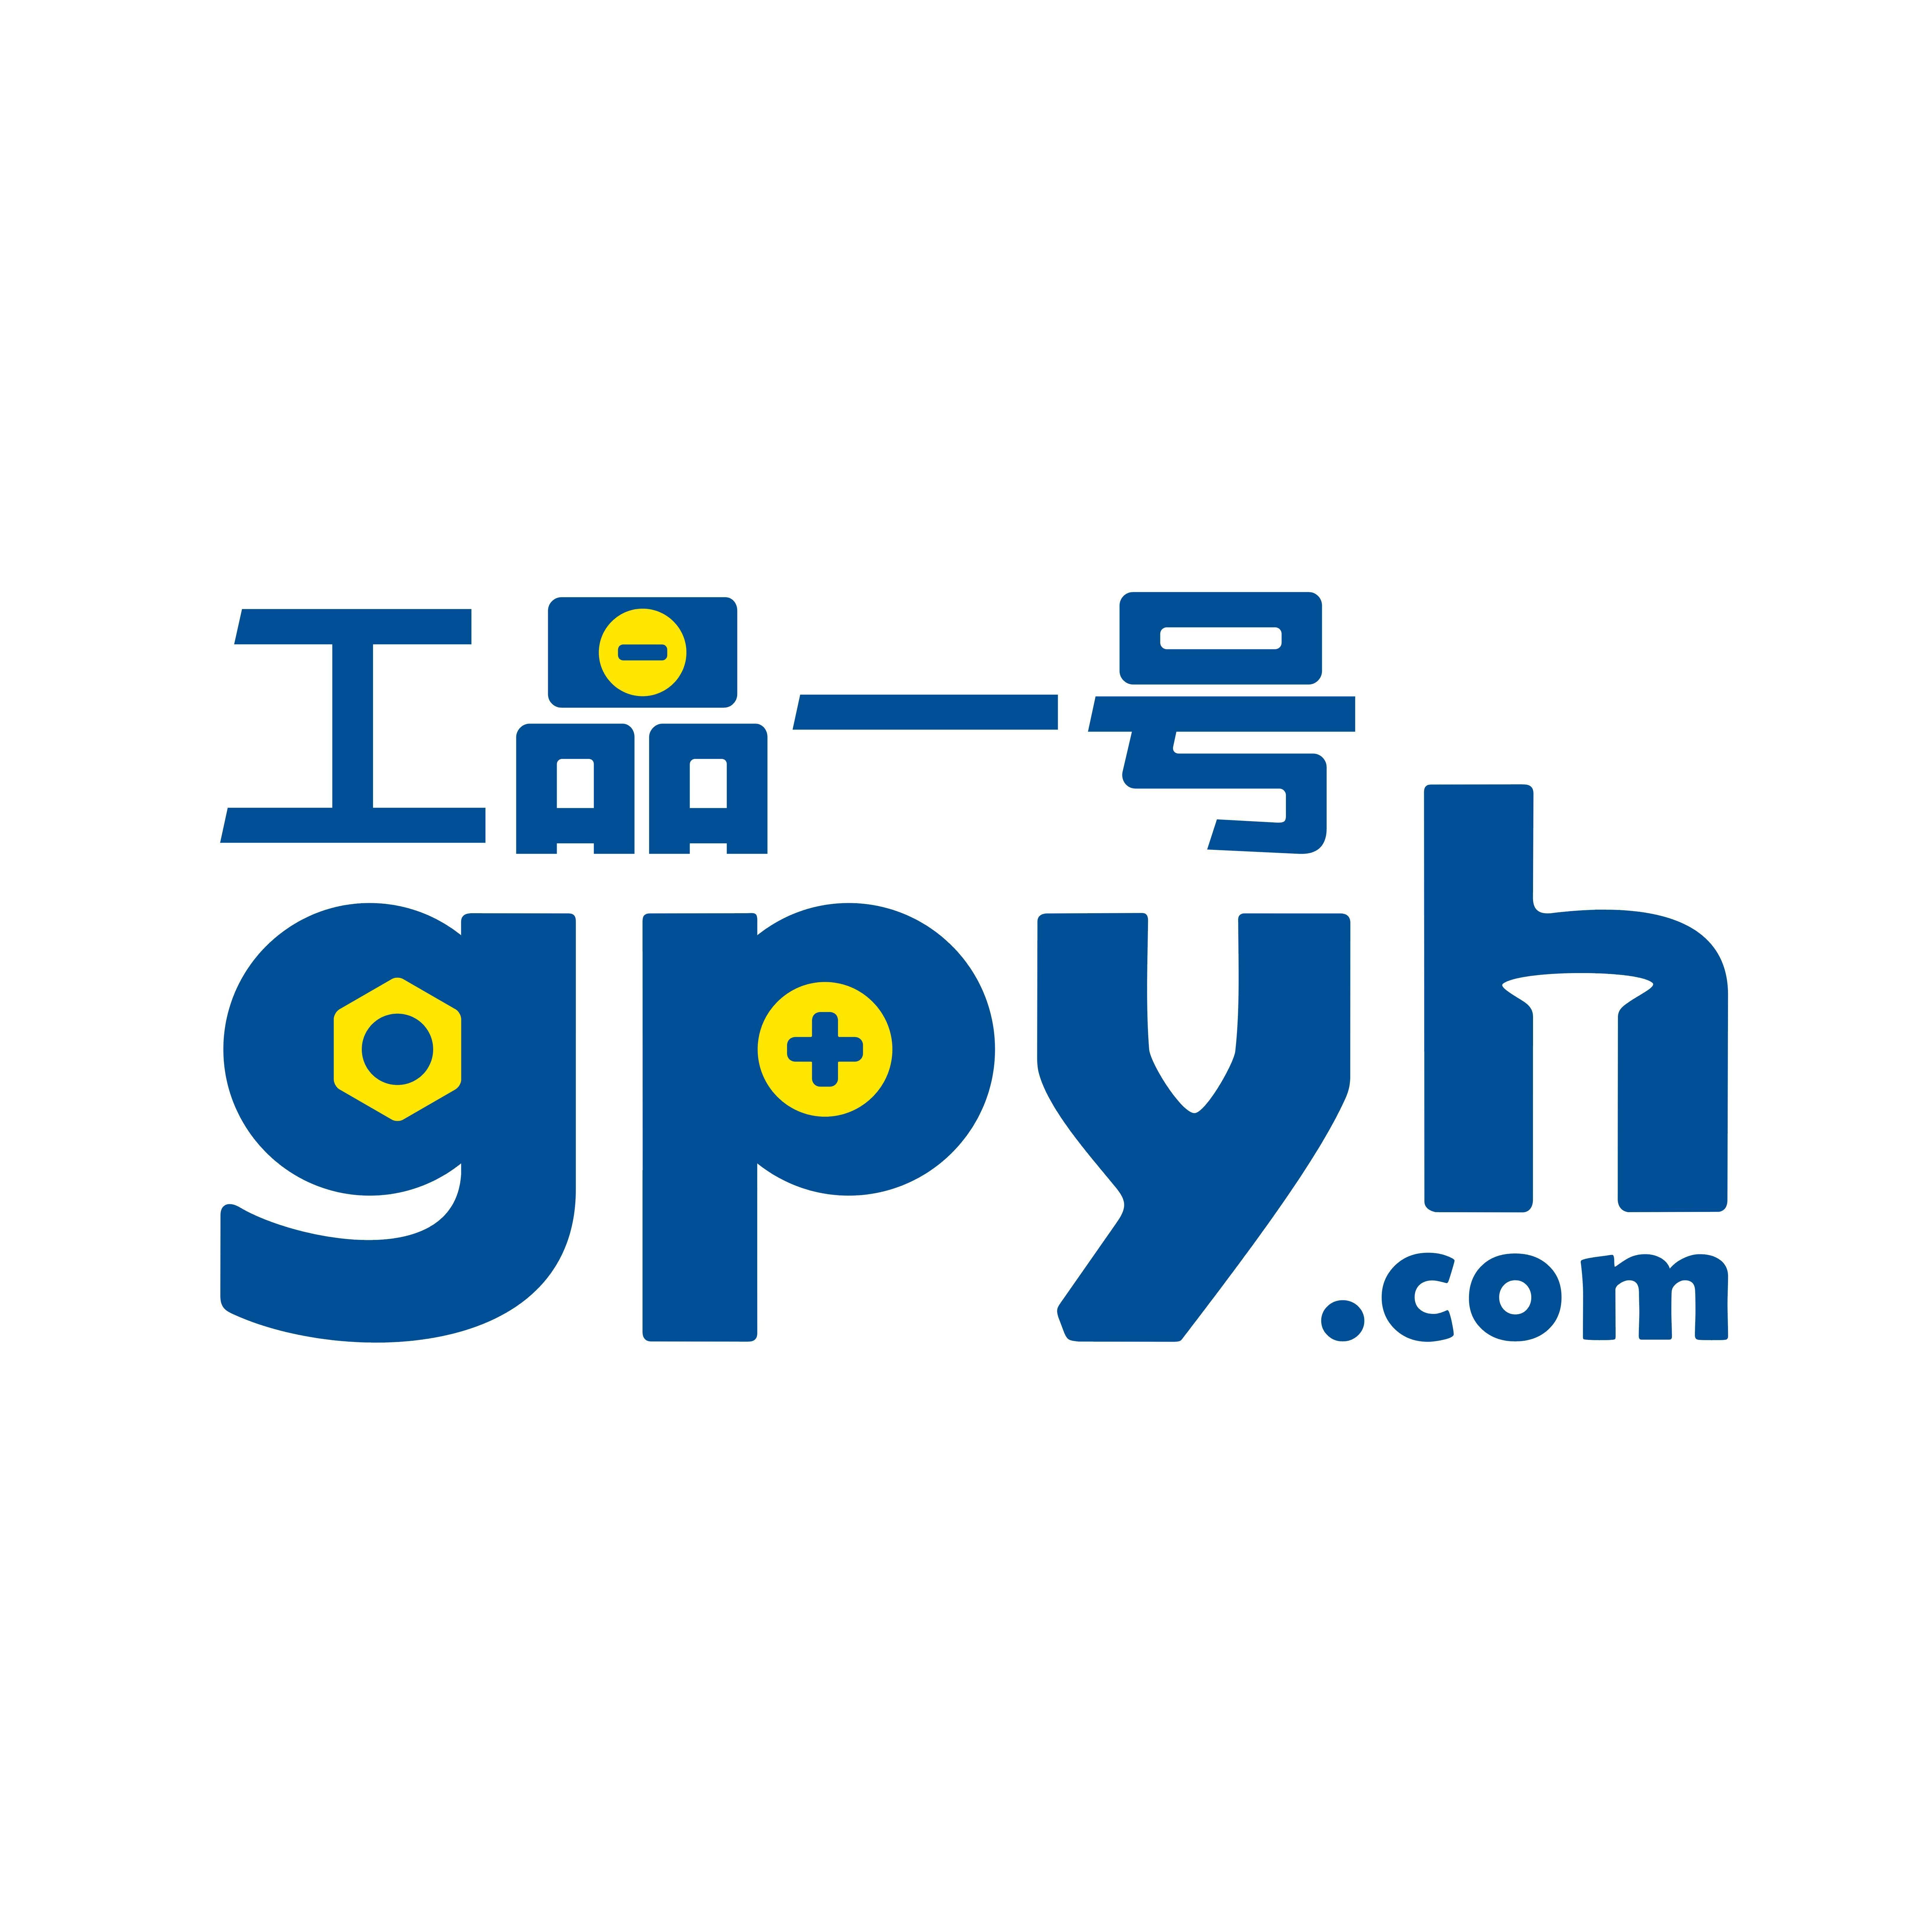 logo logo 标志 设计 矢量 矢量图 素材 图标 6552_6508